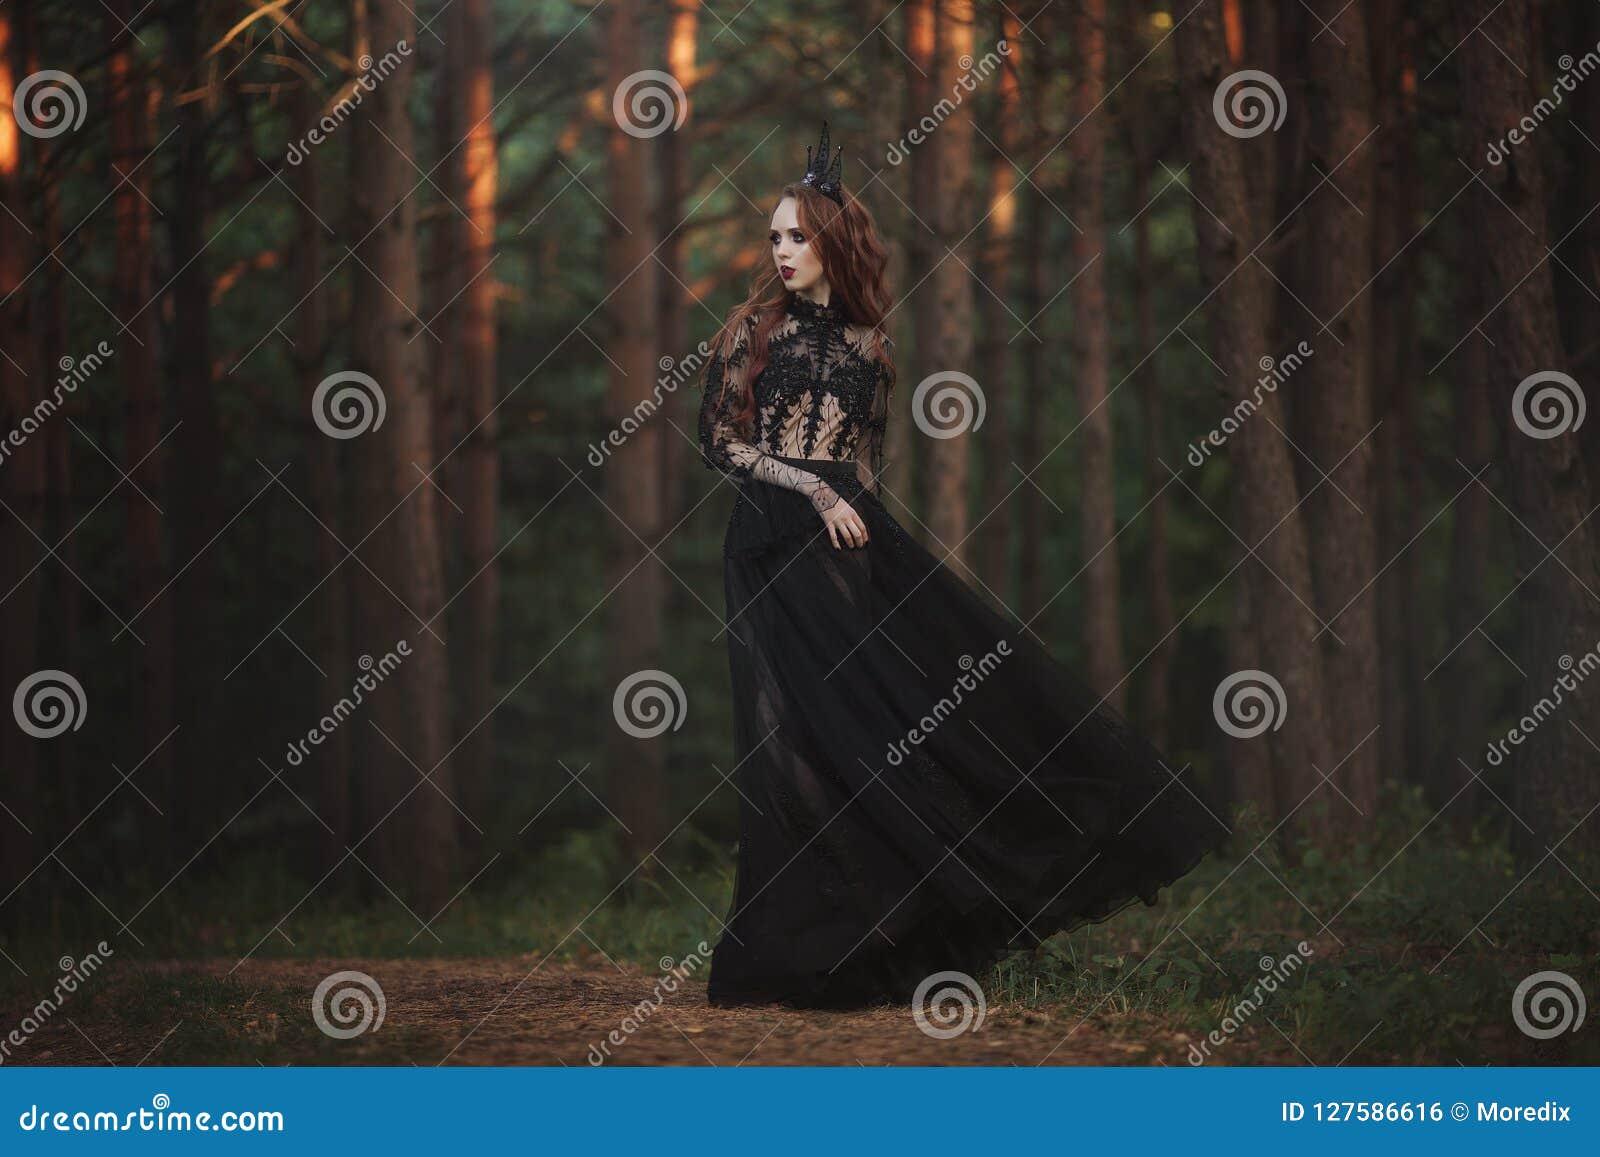 Piękny gothic princess z bladą skórą i bardzo tęsk czerwony włosy w czarnej koronie i czerni sukni w mglistym czarodziejskim lesi